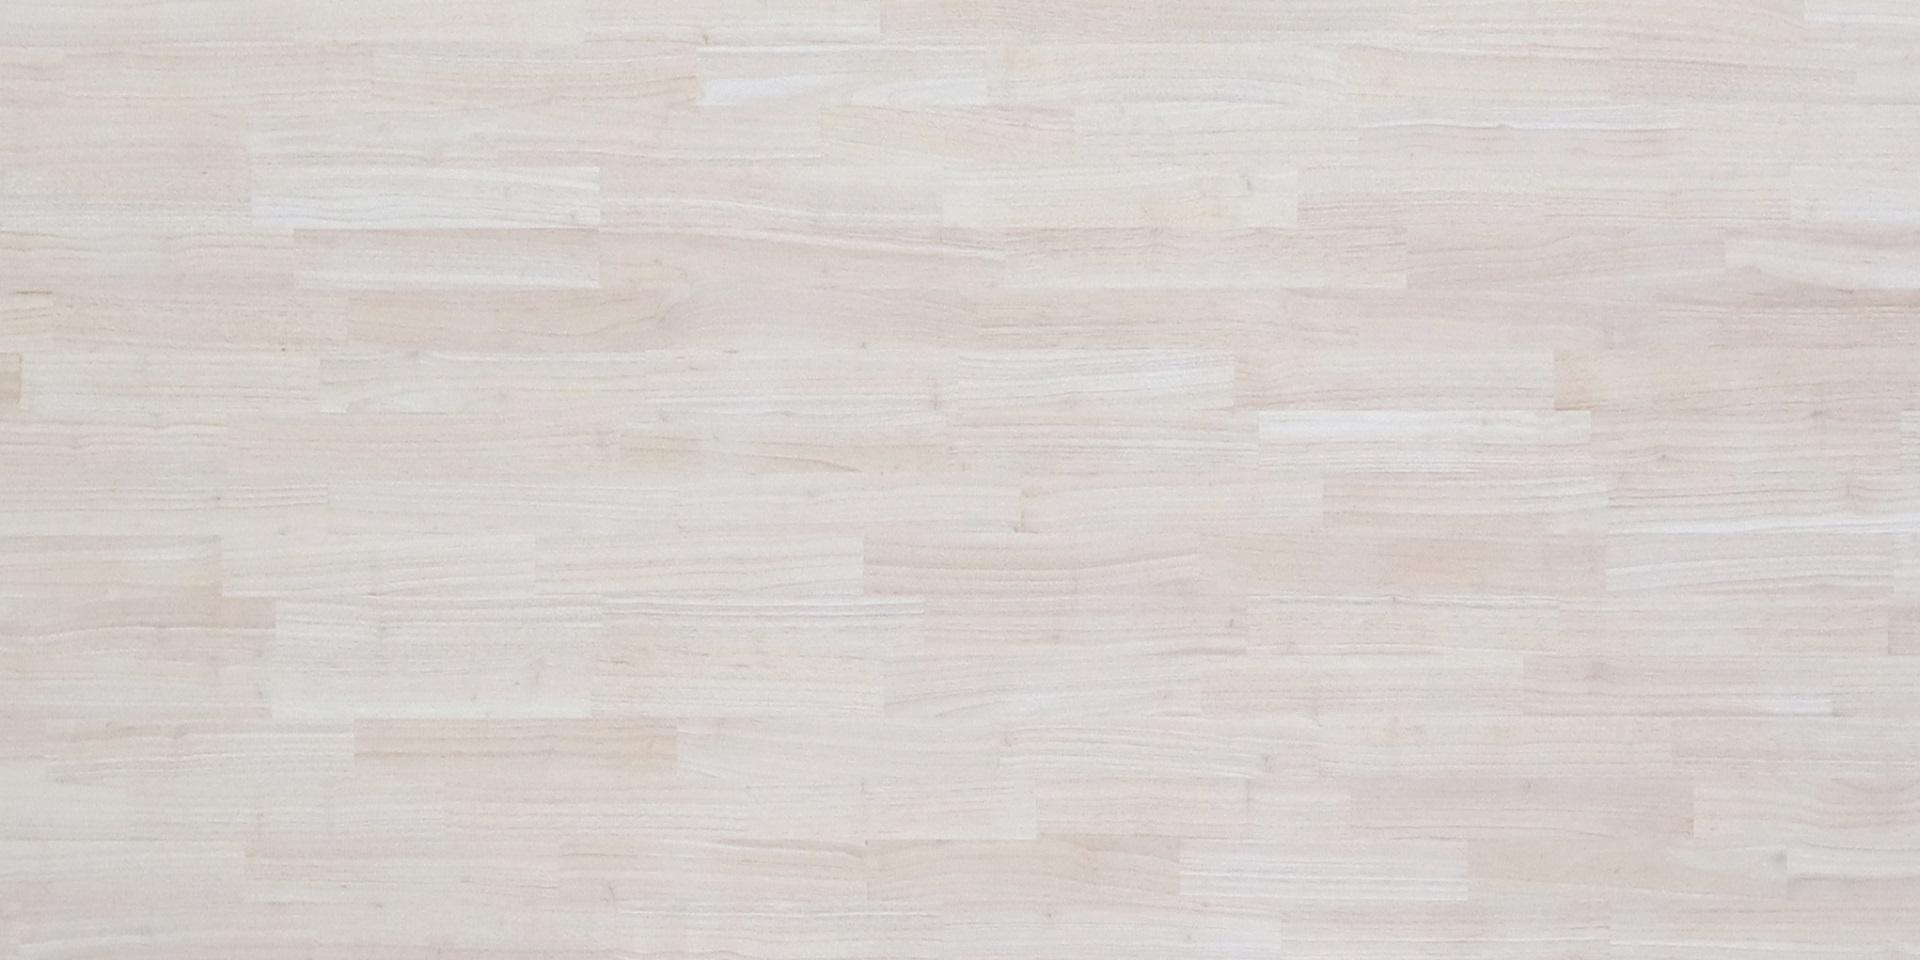 Bois d'hévéa Arbre à caoutchouc Hevea brasiliensis Bois franc Articulation du doigt Bois massif Planche de bois Dalle de bois À chevrons Bois d'oeuvre Charpente Bois d'ingénierie Contre-plaqué MDF Meubles Pulpe Papier Biomasse Tuile de pont Usine Fabrication Industrie du bois Global Commerce Commerce Fournisseur international de produits du bois De gros Certifié FSC